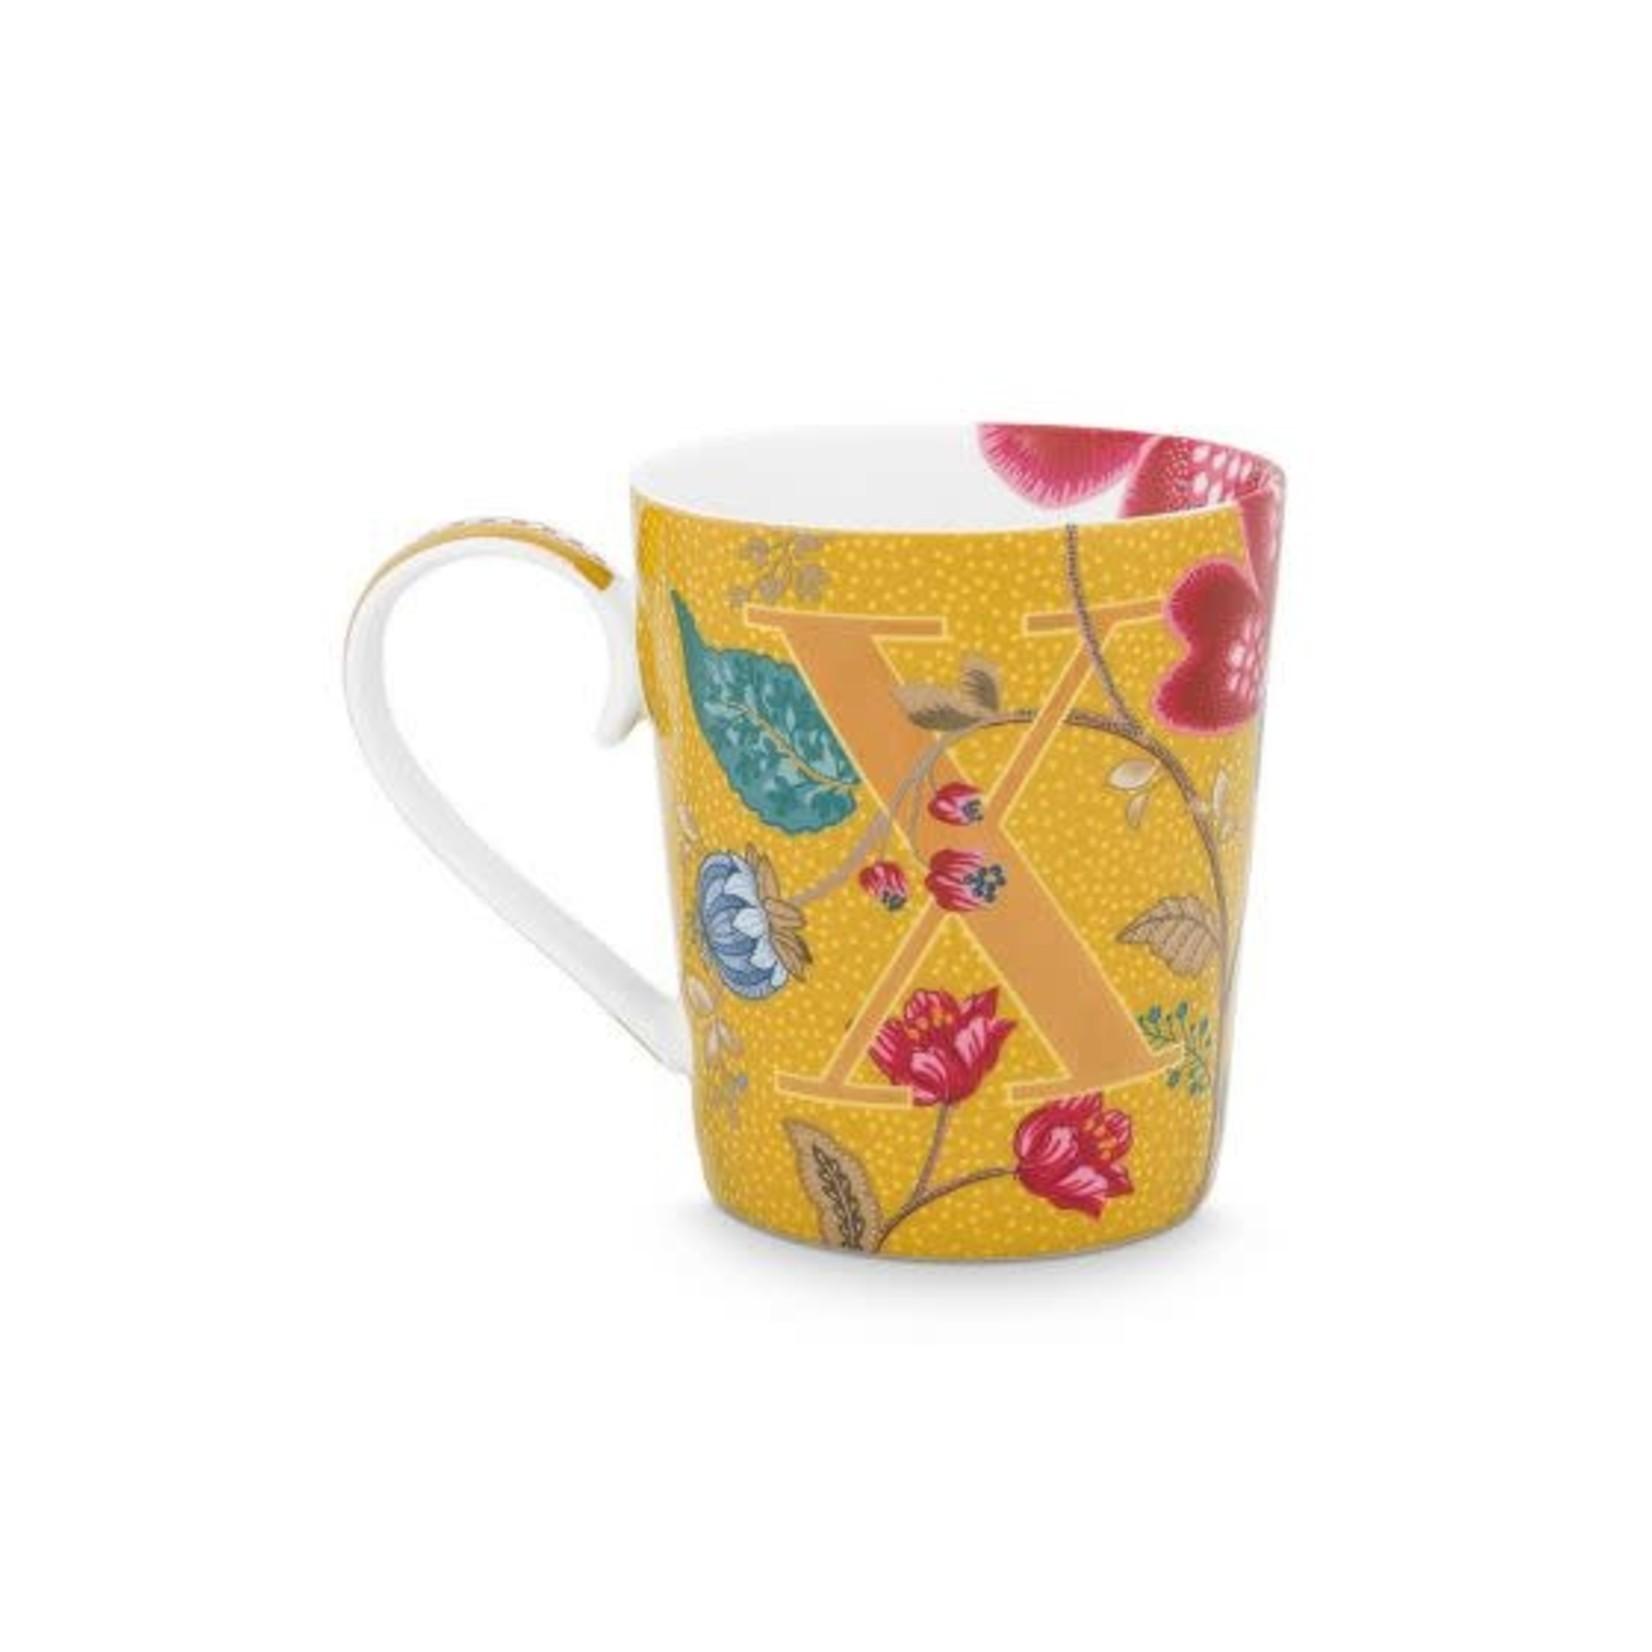 PIP Studio Alphabet Mug Blushing Birds Yellow X 350ml